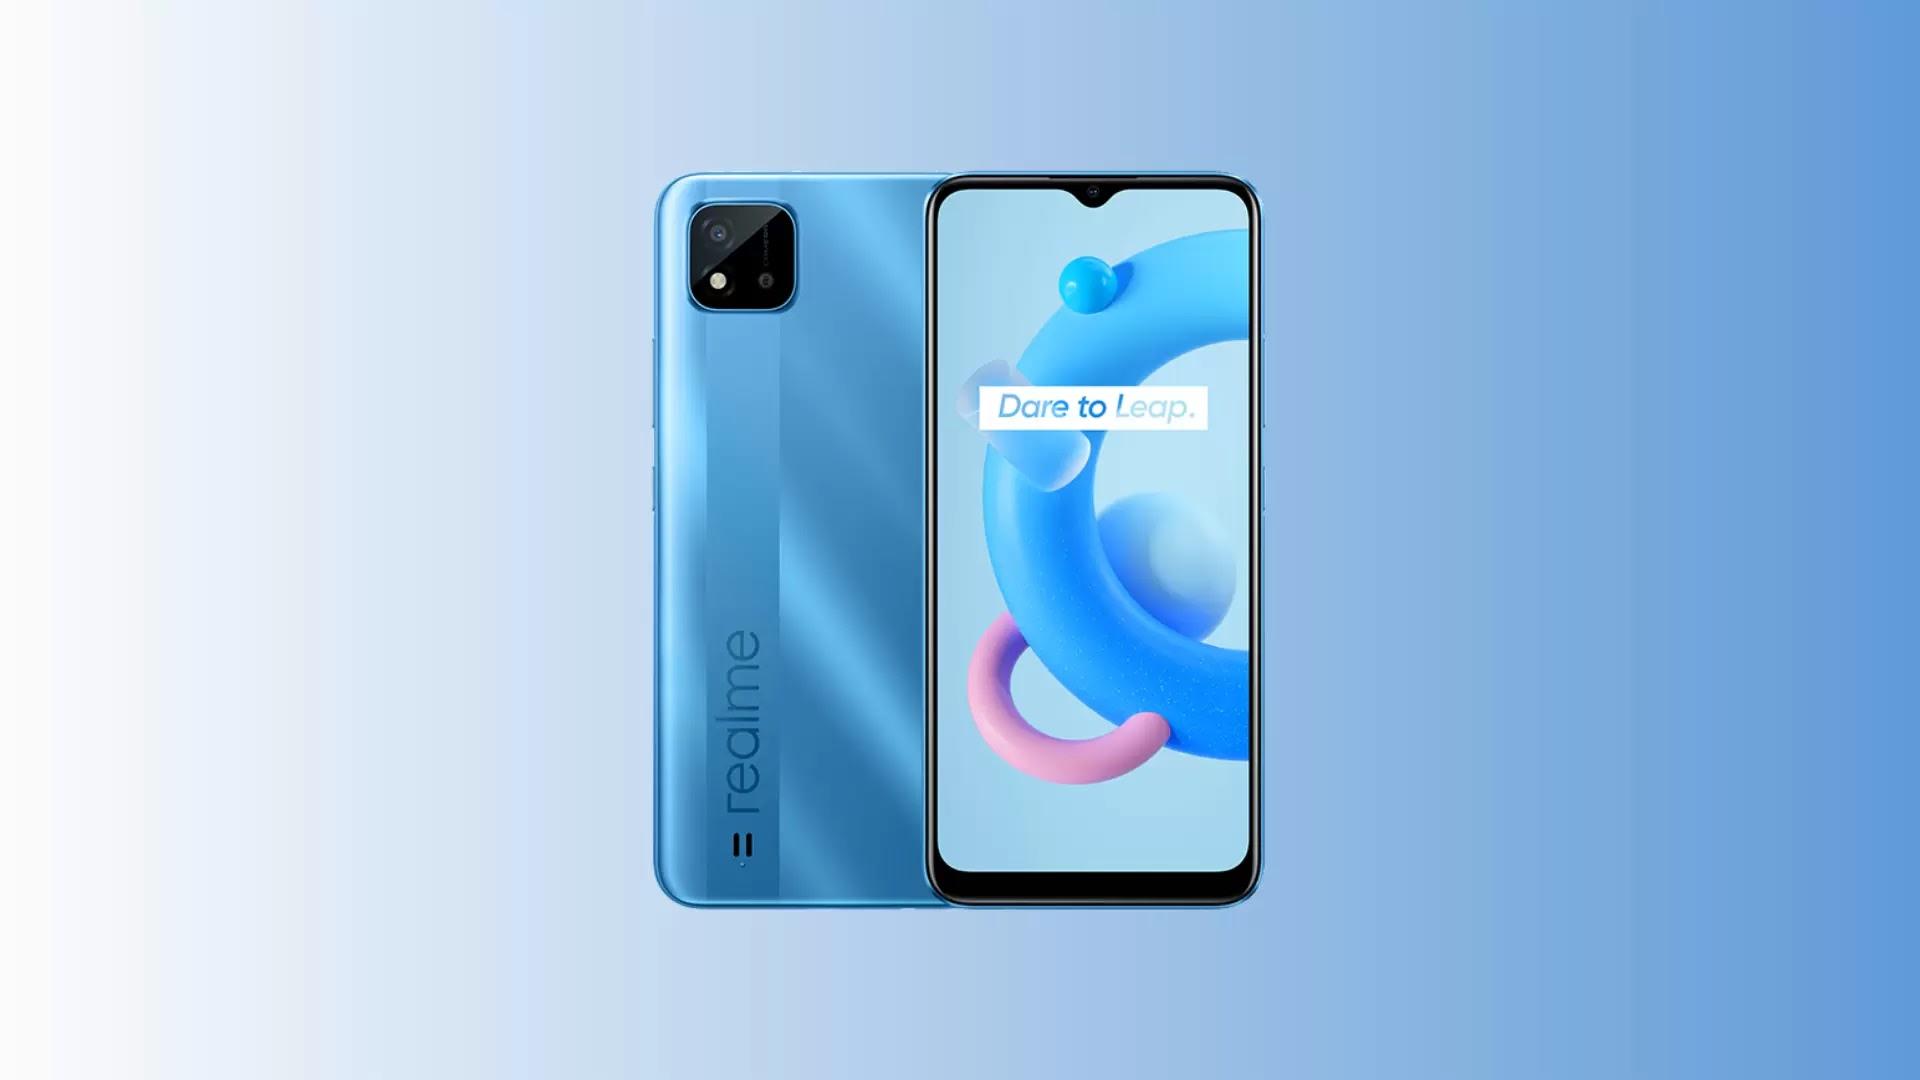 রাশিয়া এবং ফিলিপাইনে Realme C11 (2021) স্মার্টফোনটি হল লঞ্চ